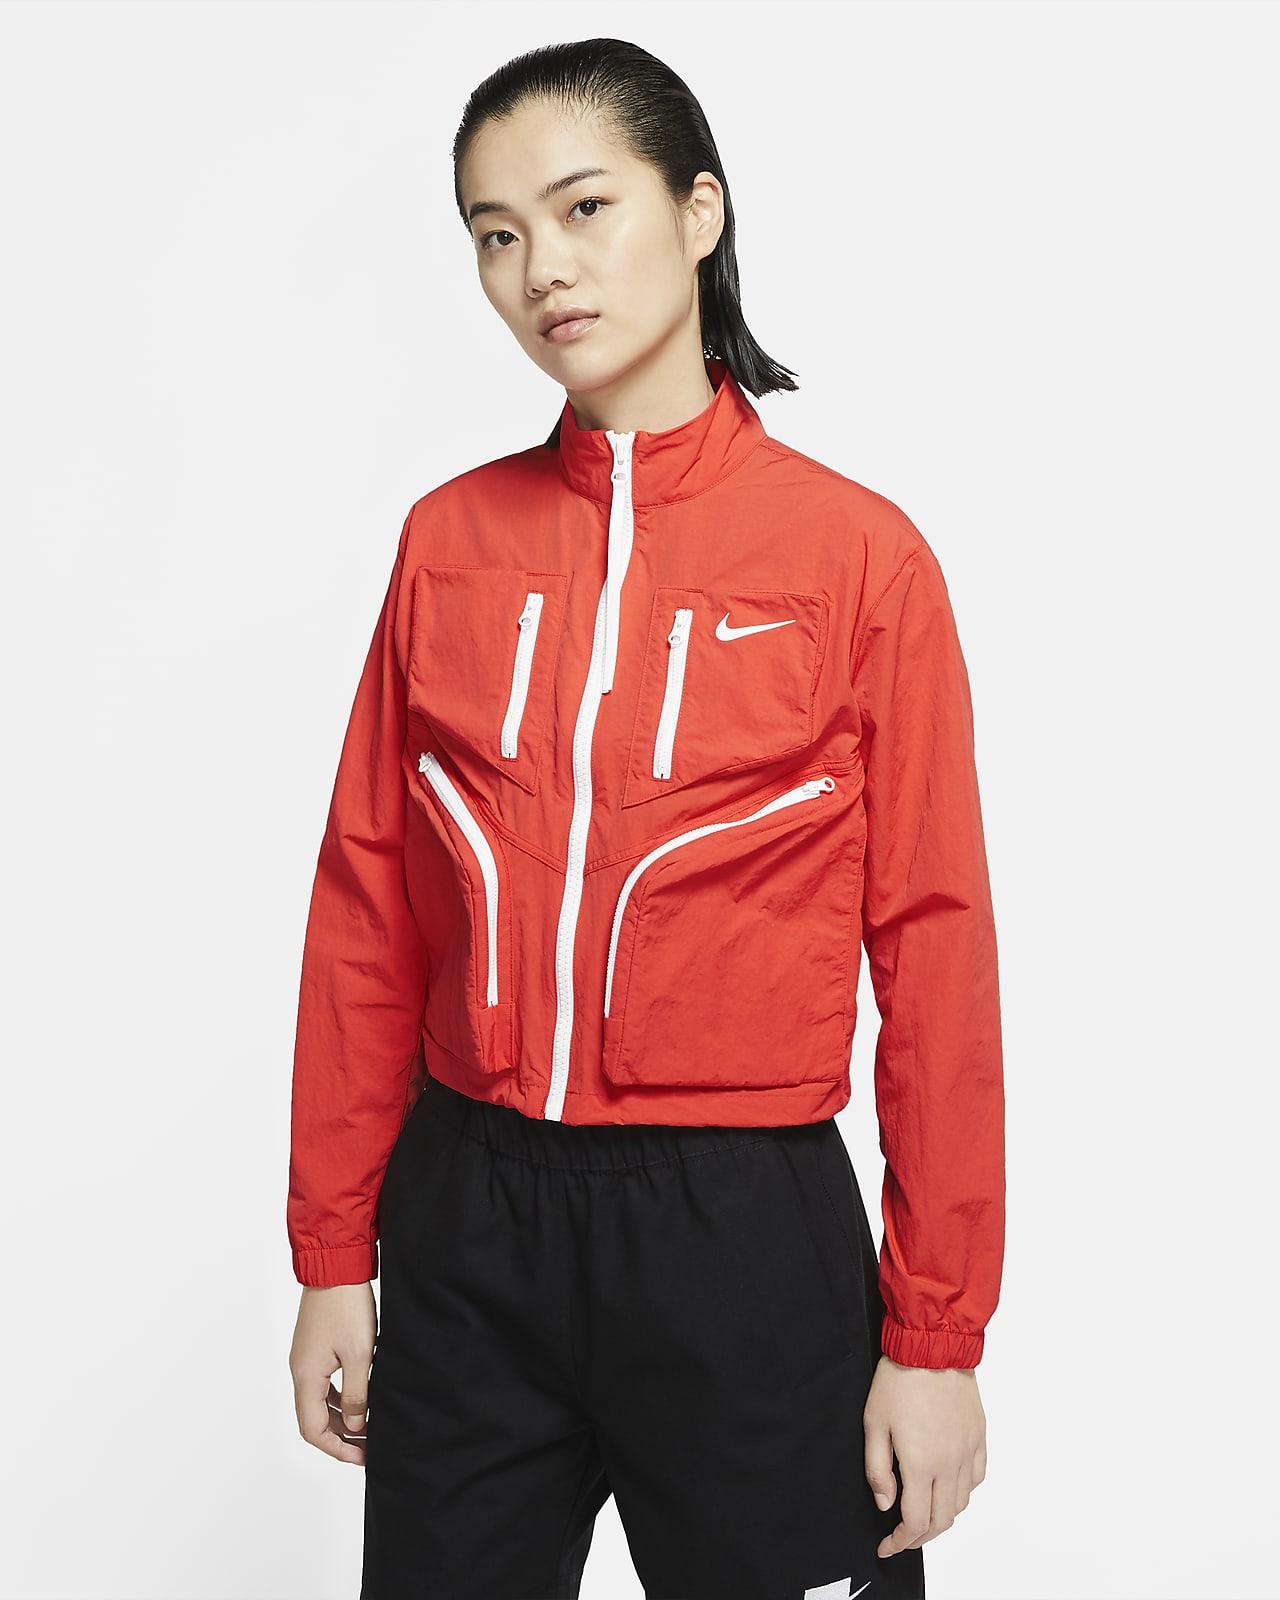 Nike Sportswear Tech Pack Women's Woven Jacket